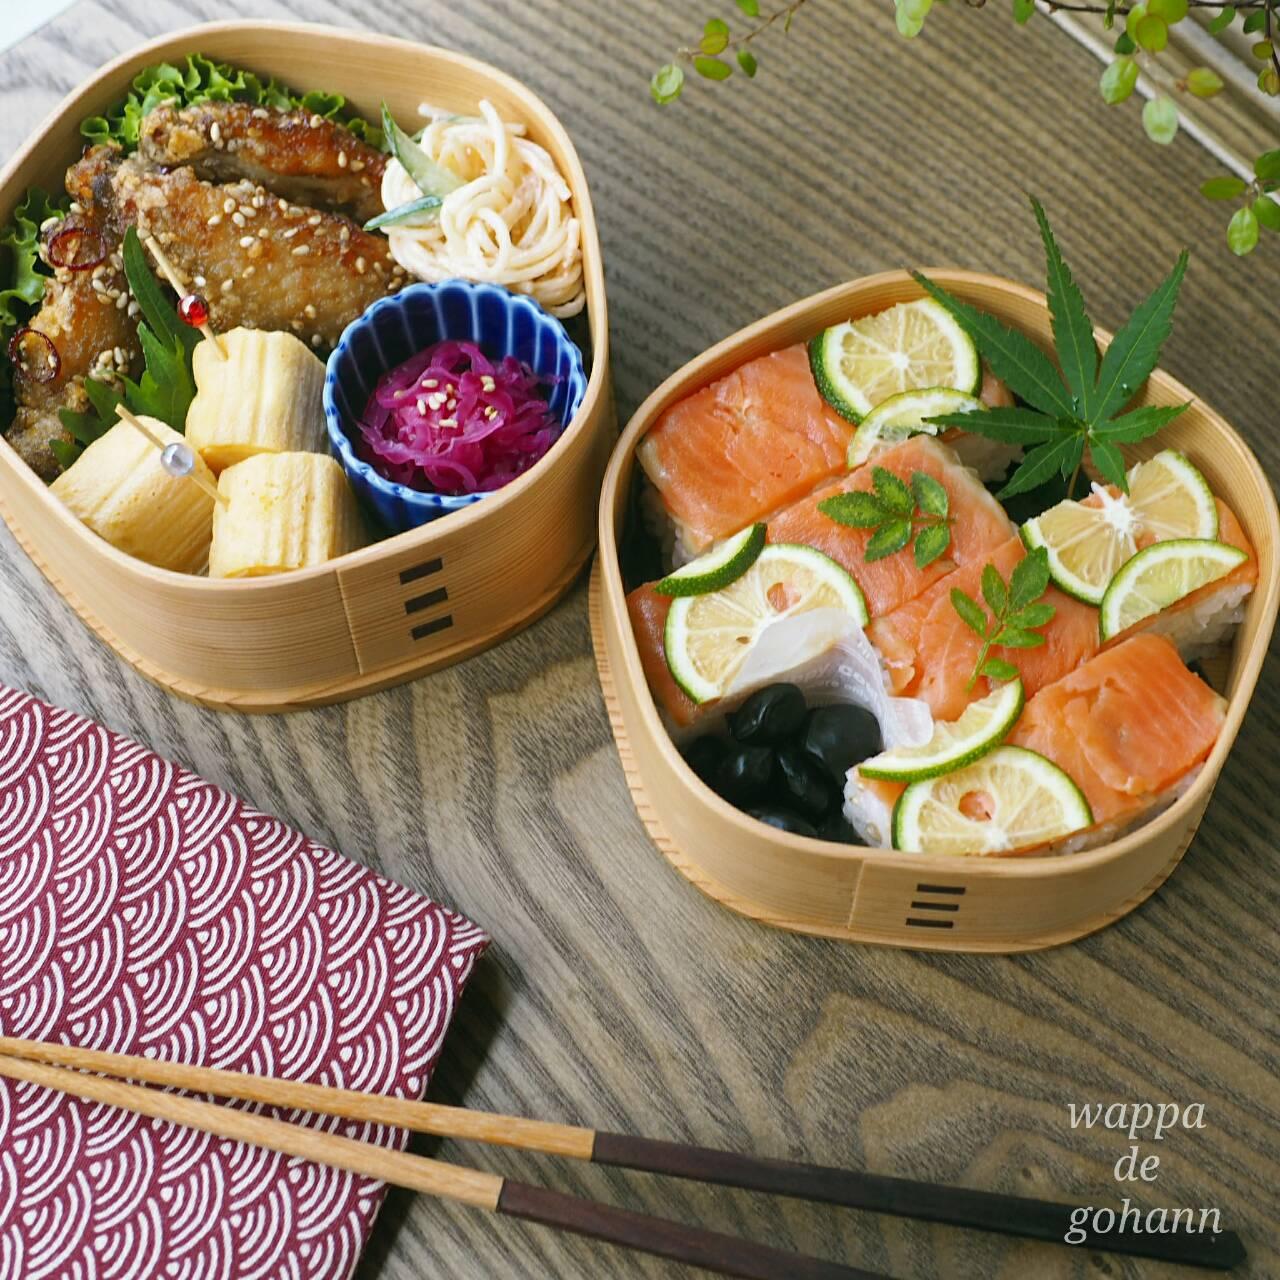 スモークサーモンとすだちの押し寿司弁当